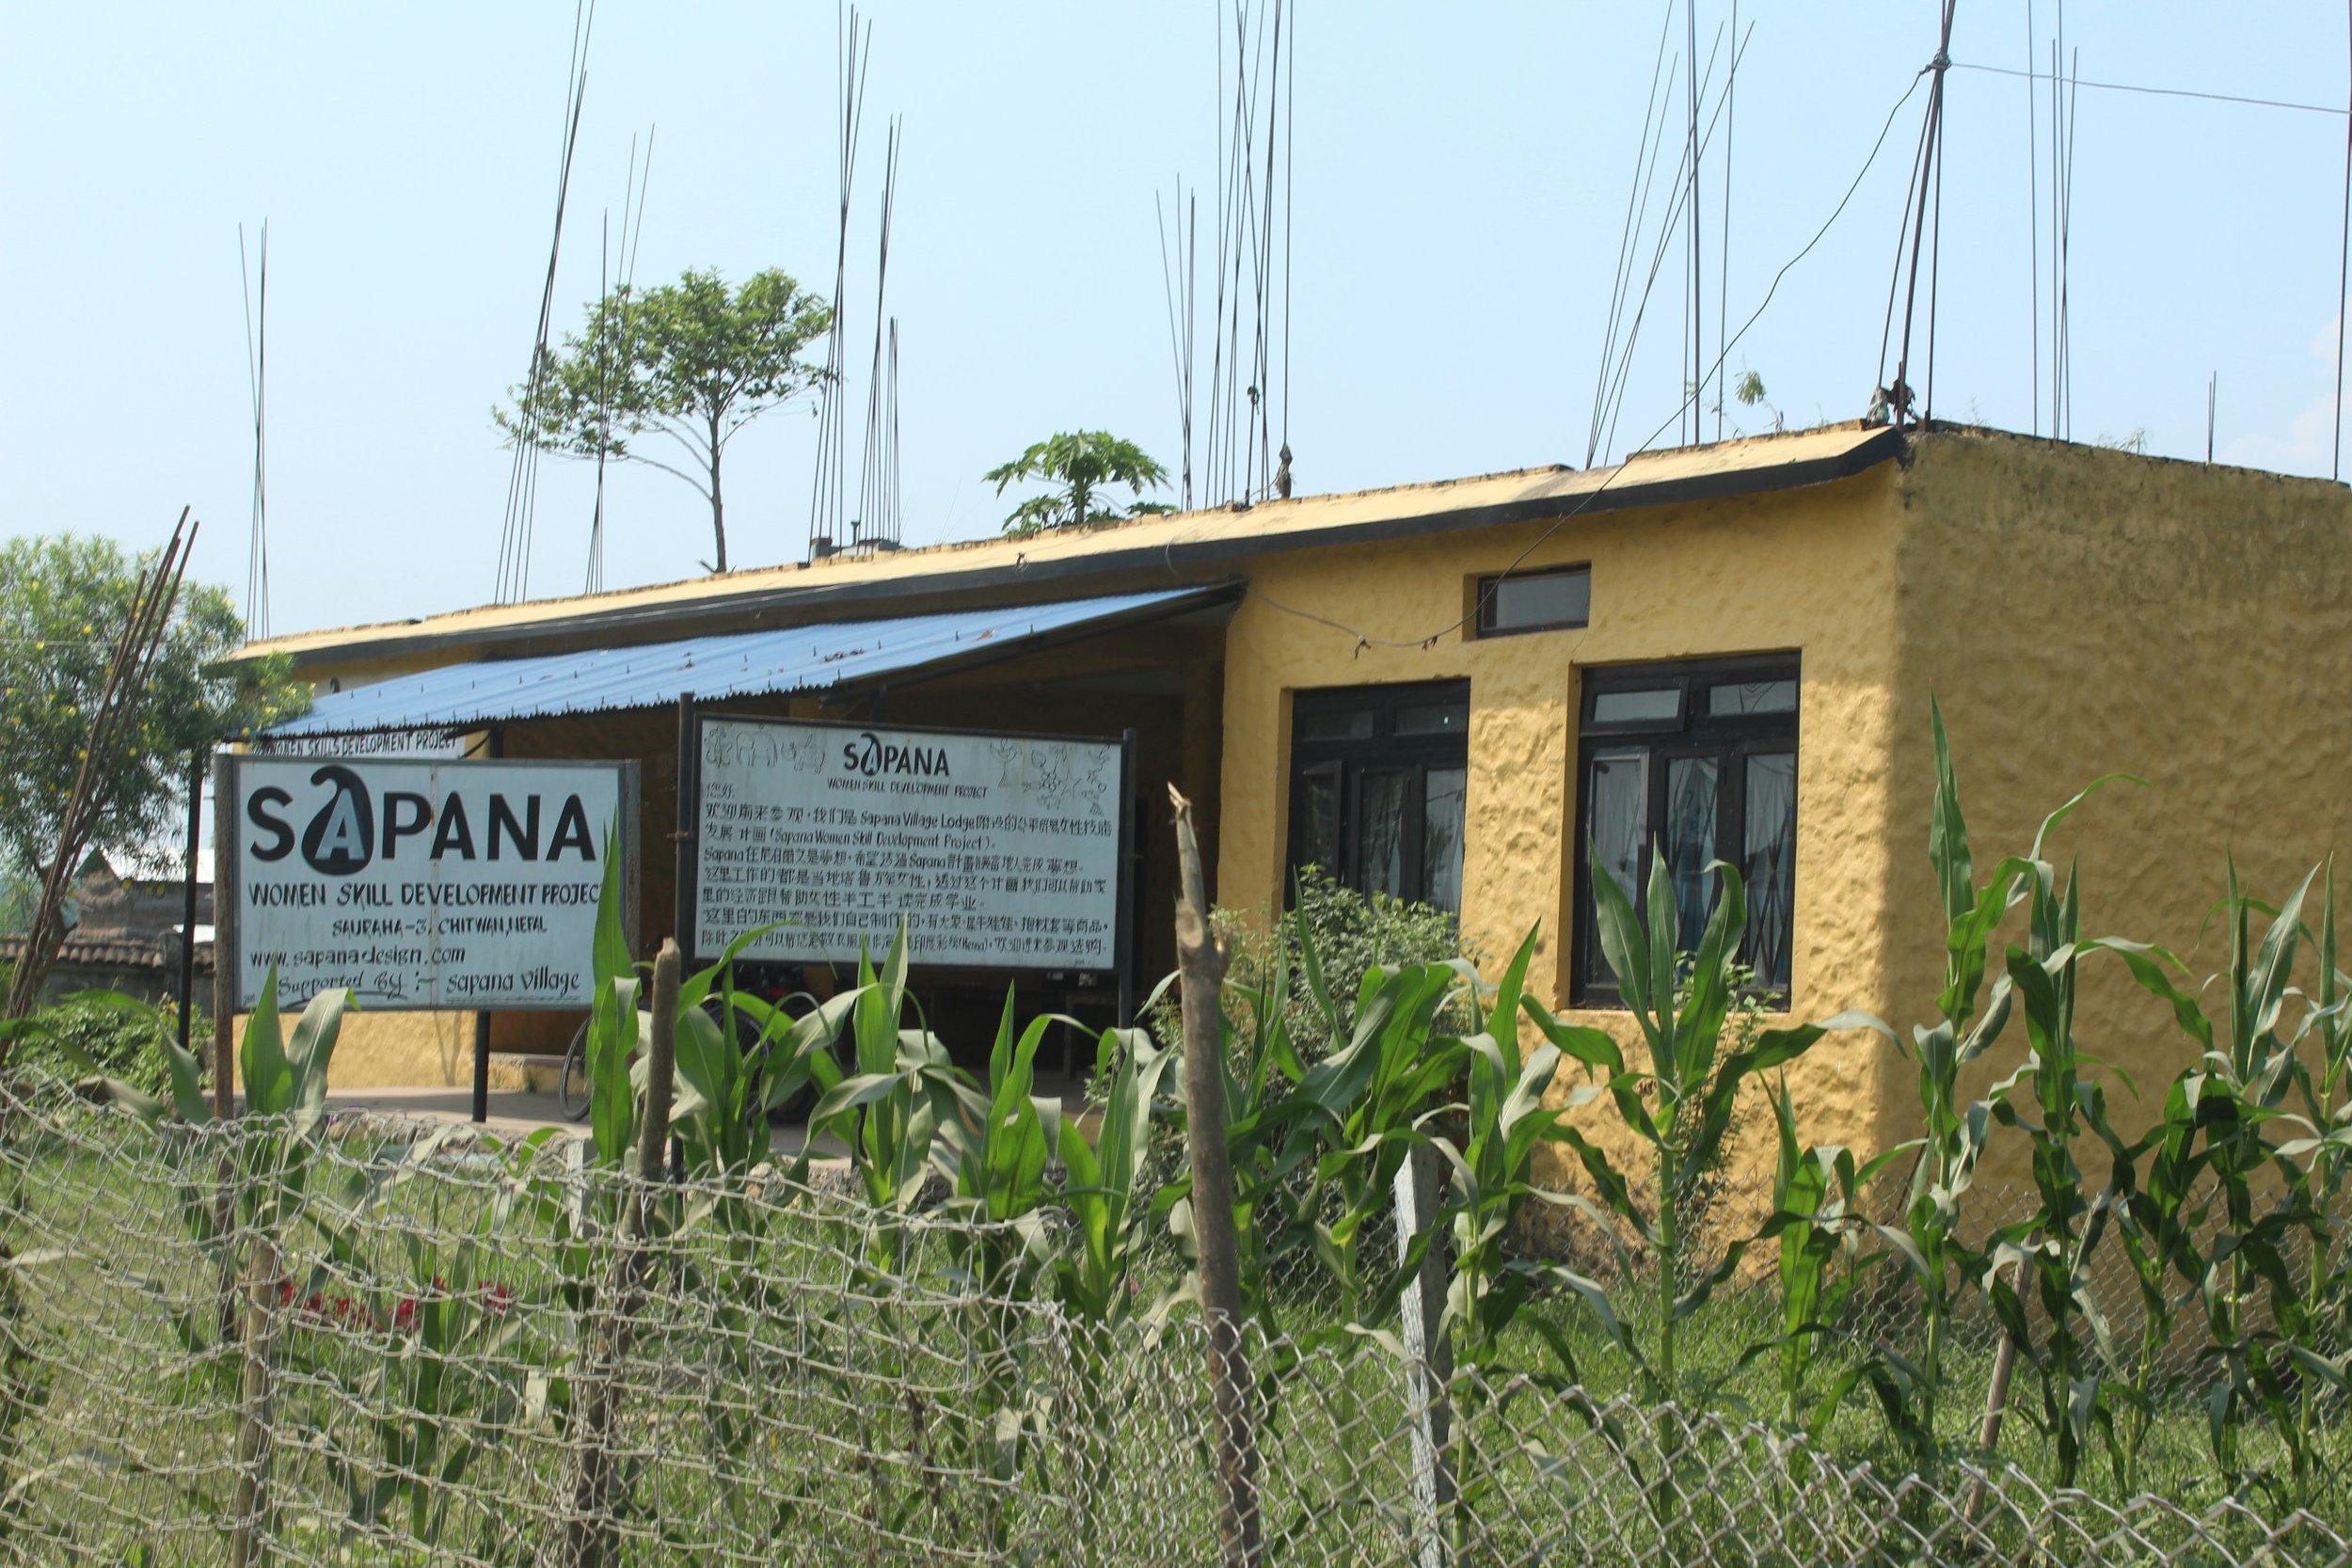 Sapana Design Workshop